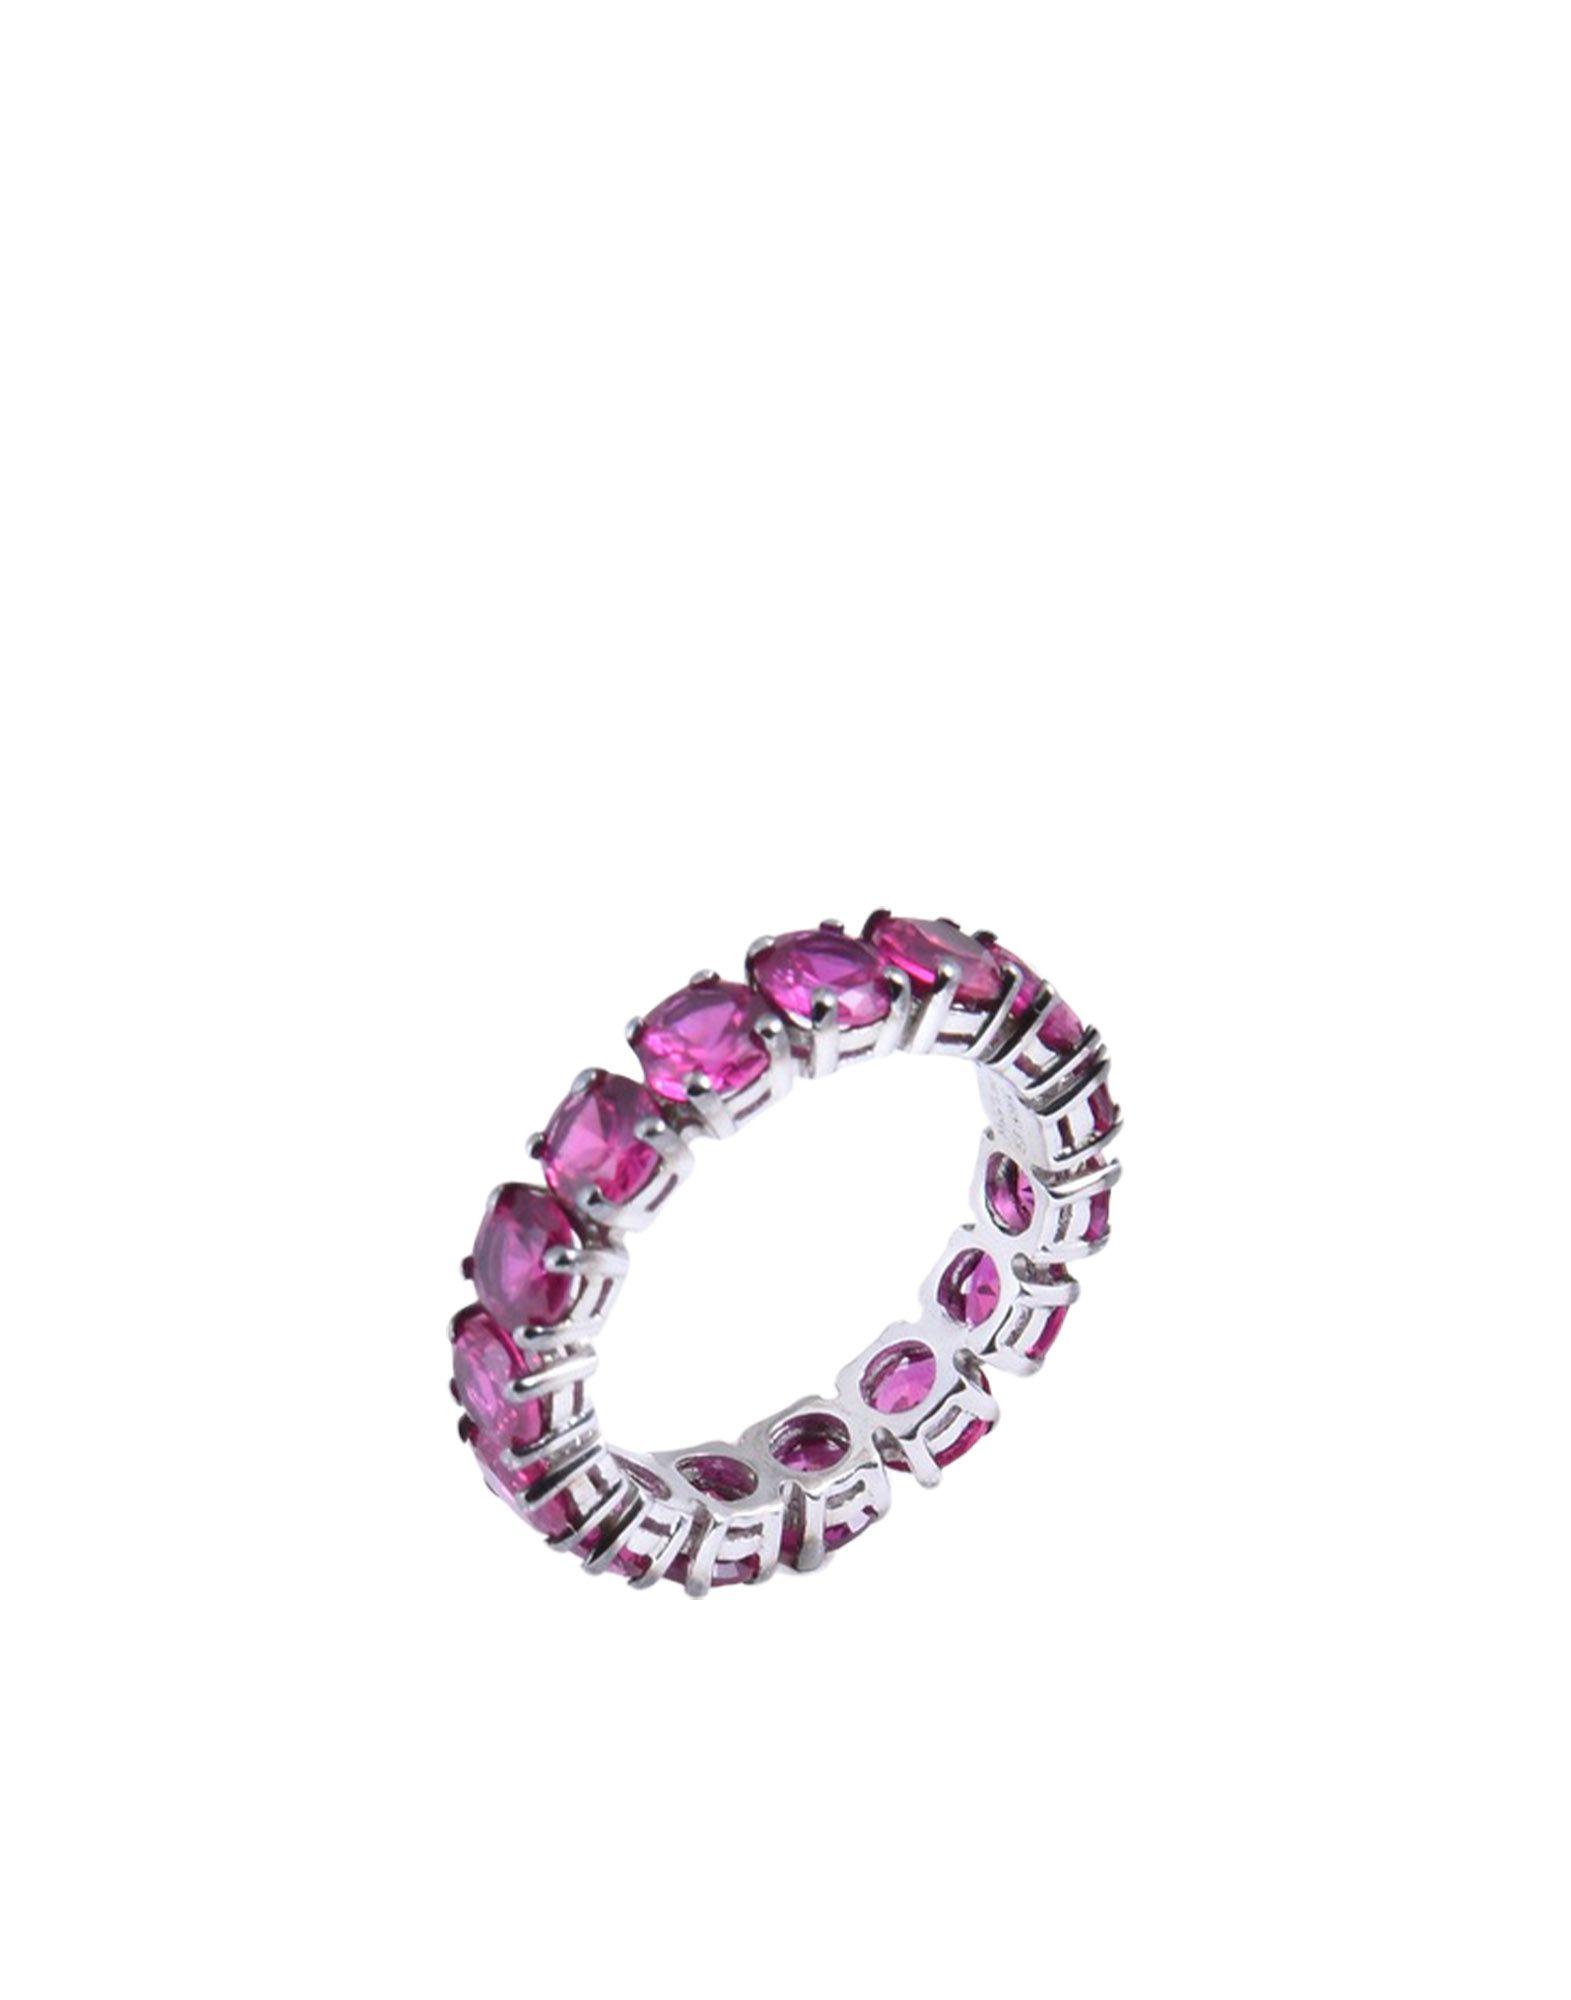 《送料無料》BLISS レディース 指輪 フューシャ 16 シルバー925/1000 / キュービックジルコニア